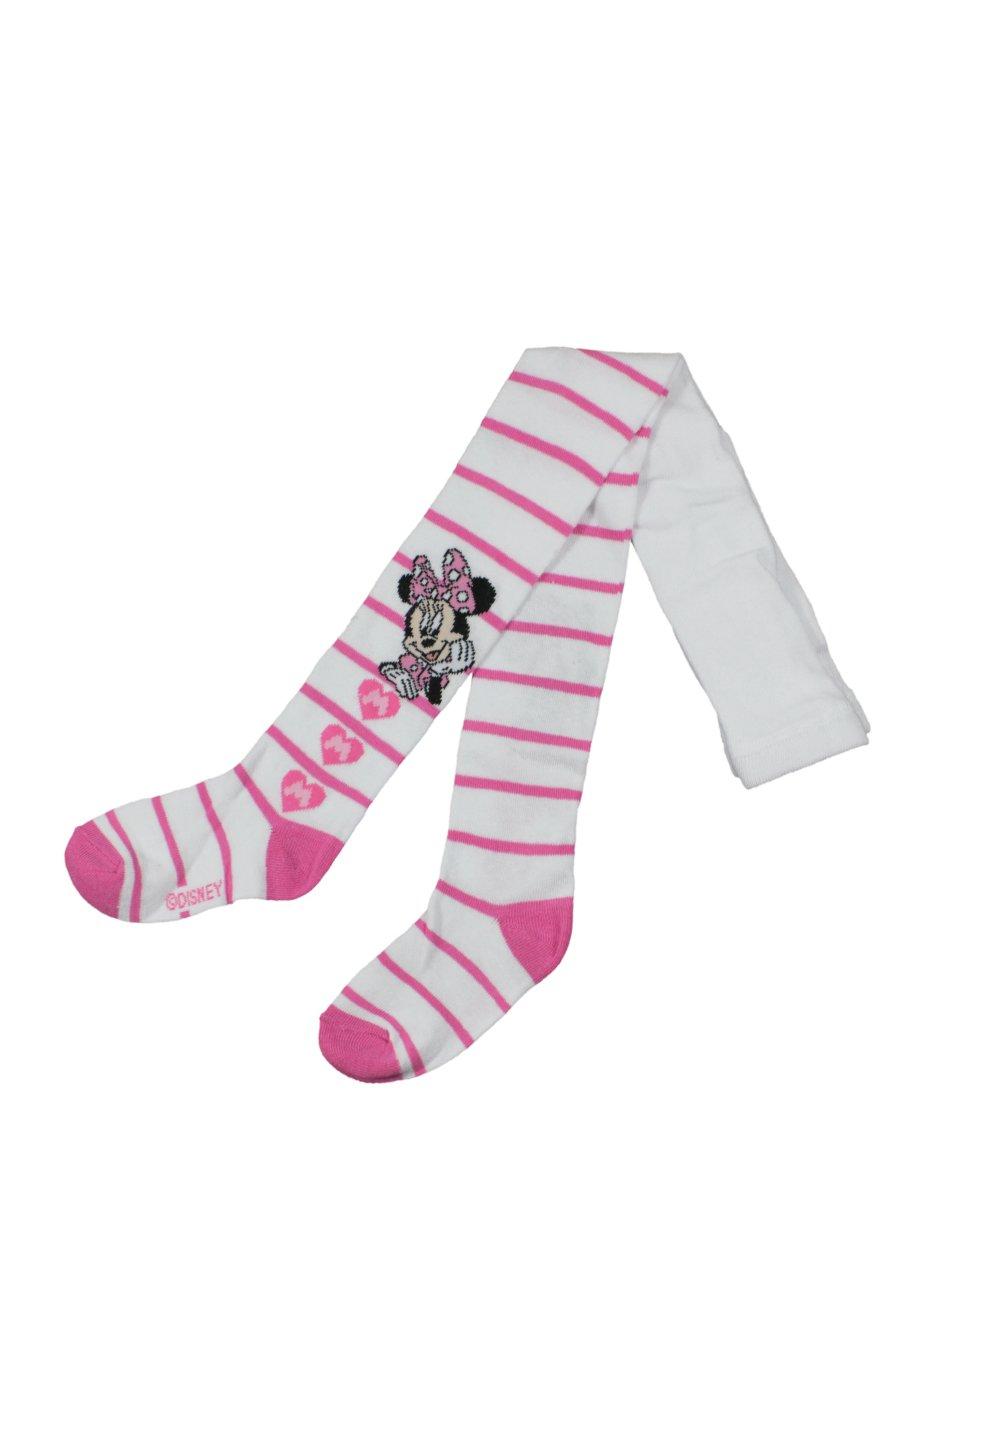 Ciorapi cu chilot, alb cu dungi, Minnie Mouse imagine